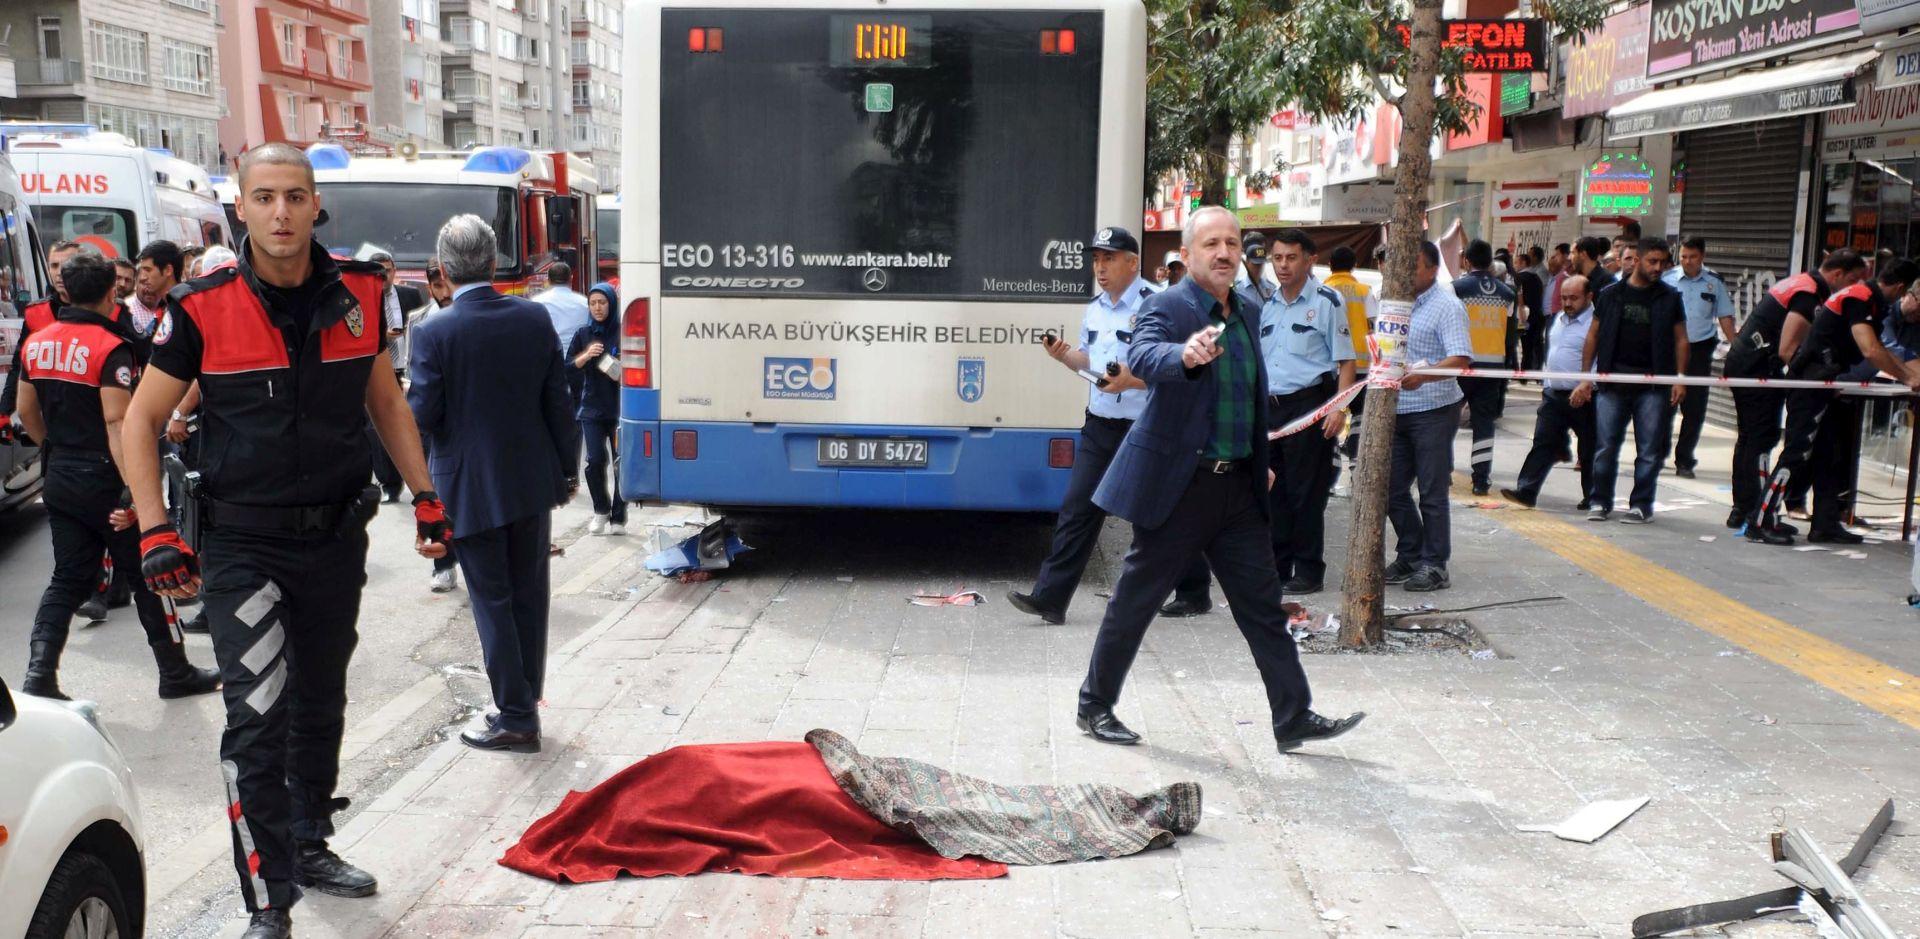 NESREĆA U ANKARI Autobus udario u stanicu, 11 ljudi poginulo, mrtve izvlačili ispod vozila